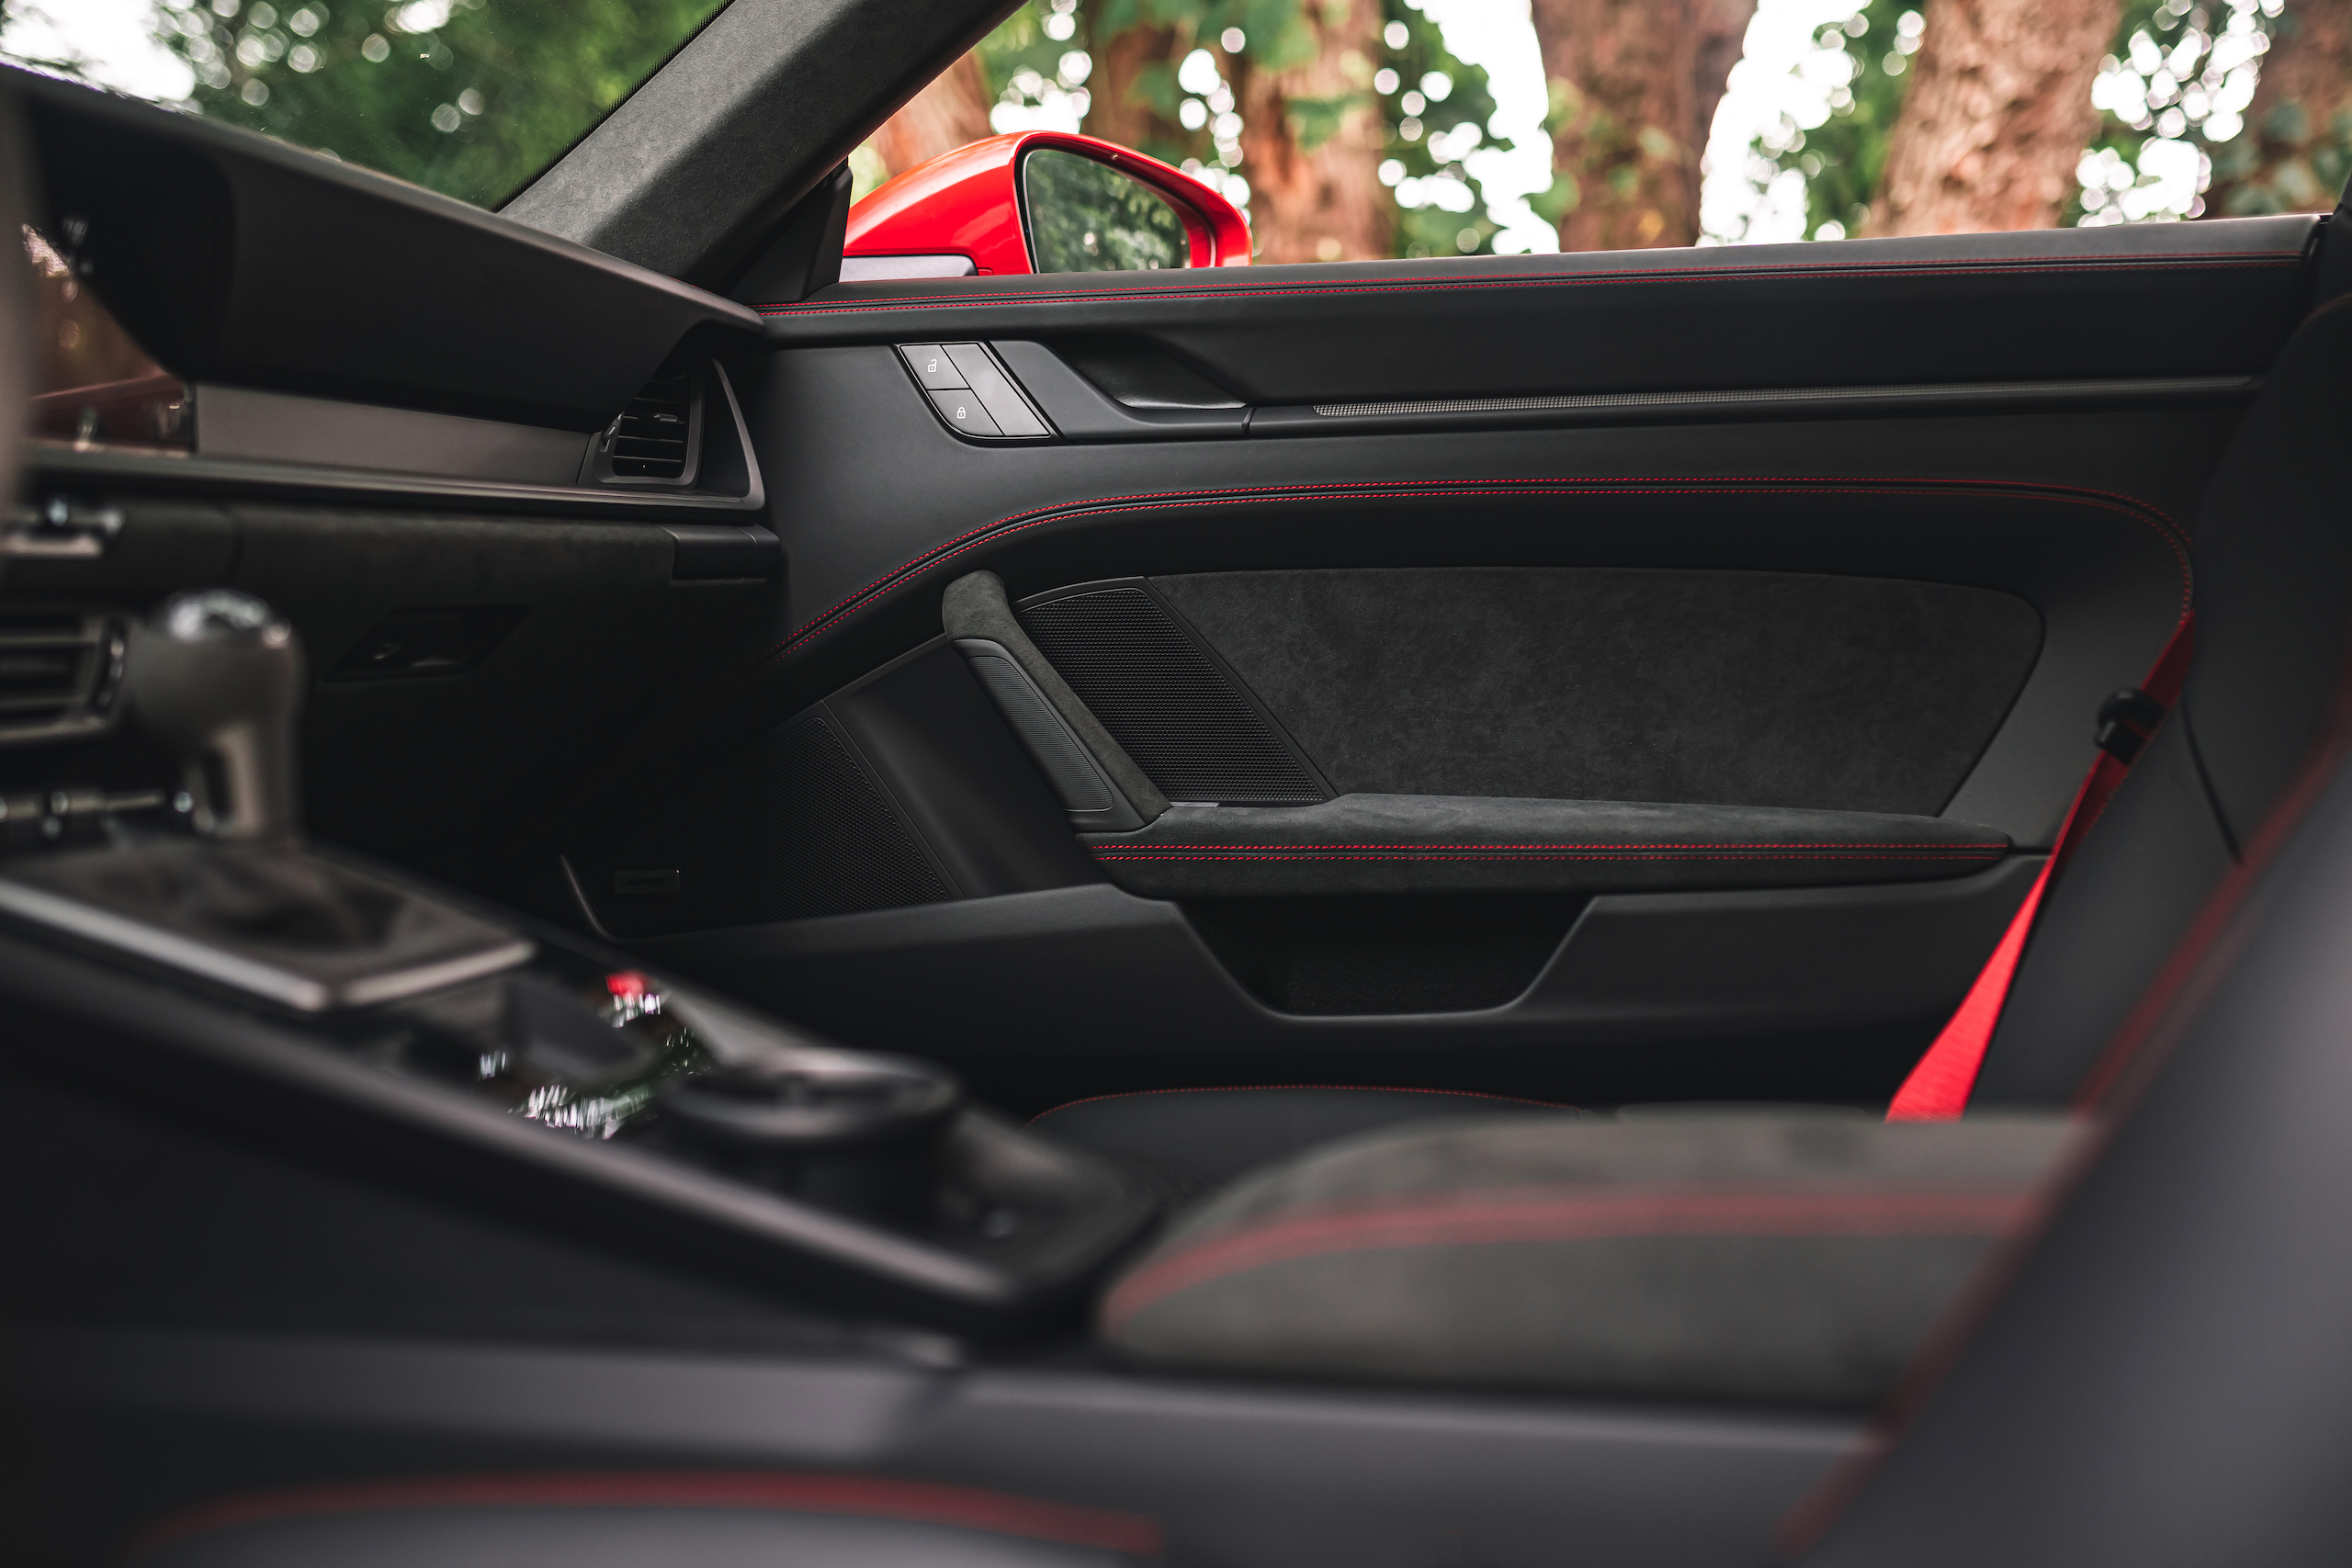 Porsche 911 GTS interior door panel materials